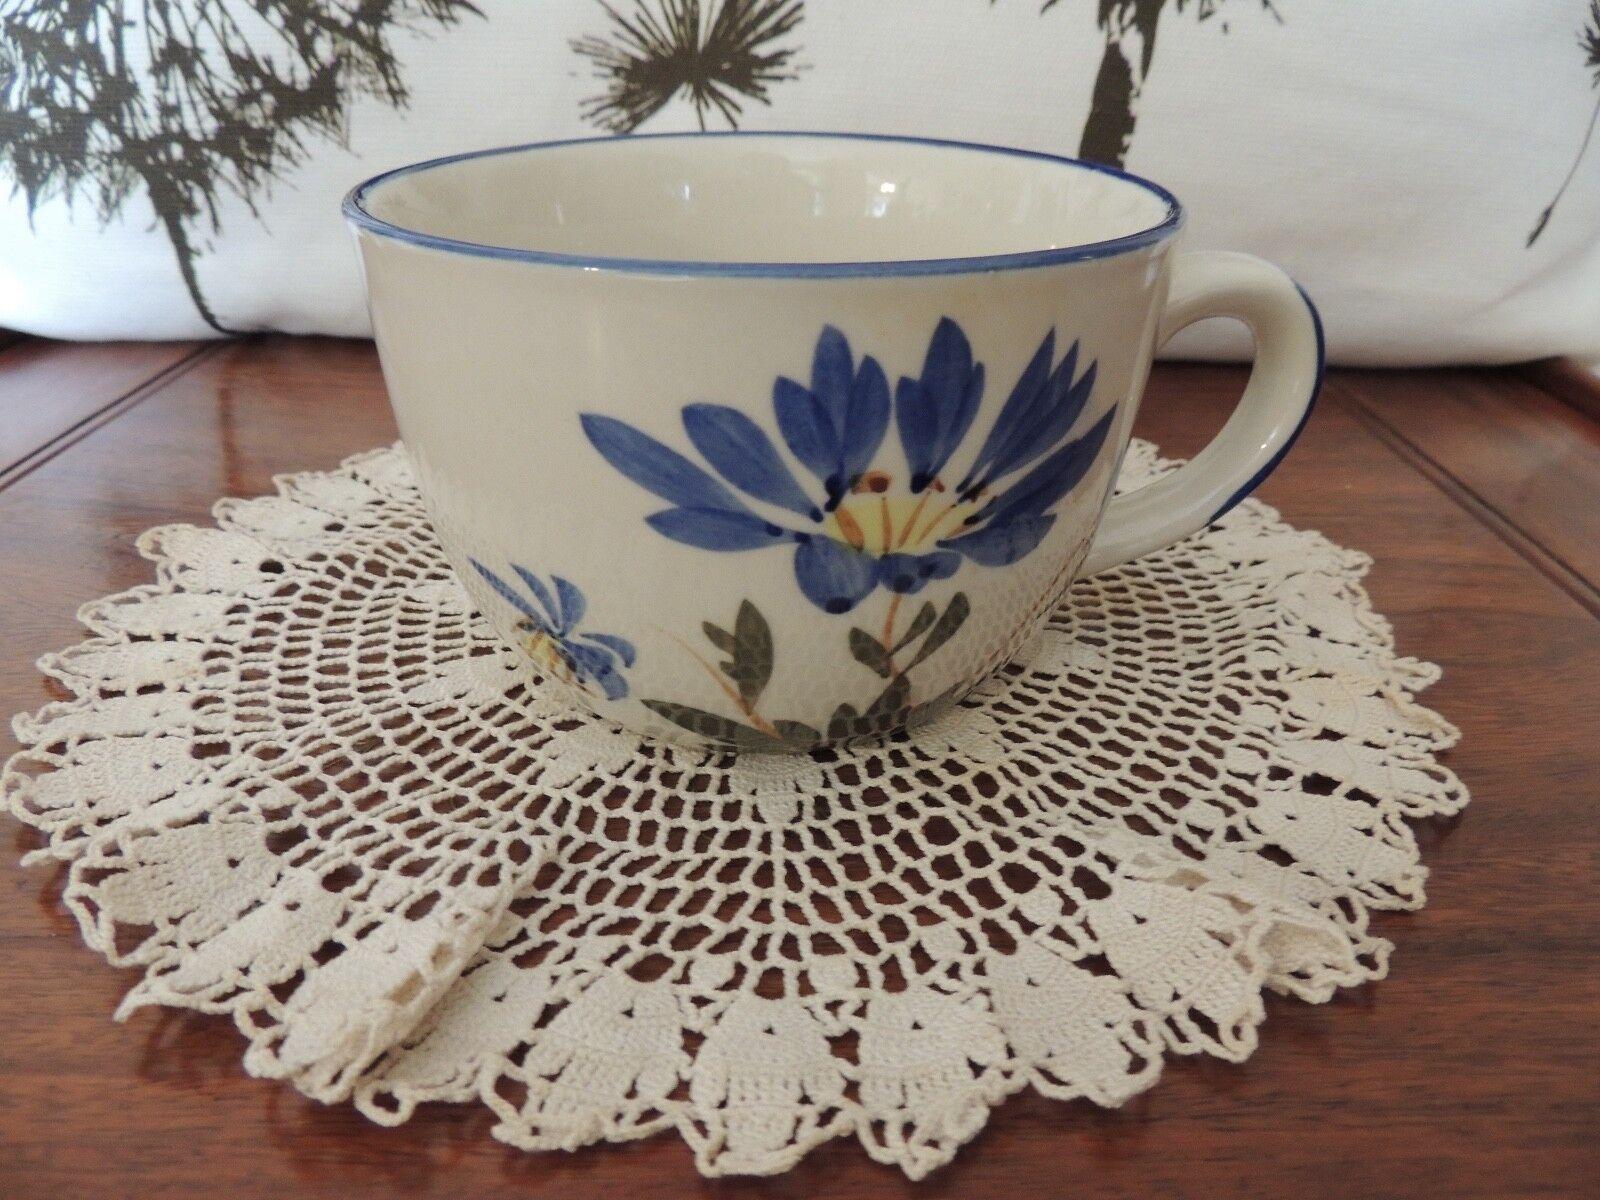 älter old Teetasse Kaffeebecher Kaffeetasse groß China Porzellan 400-500 ml